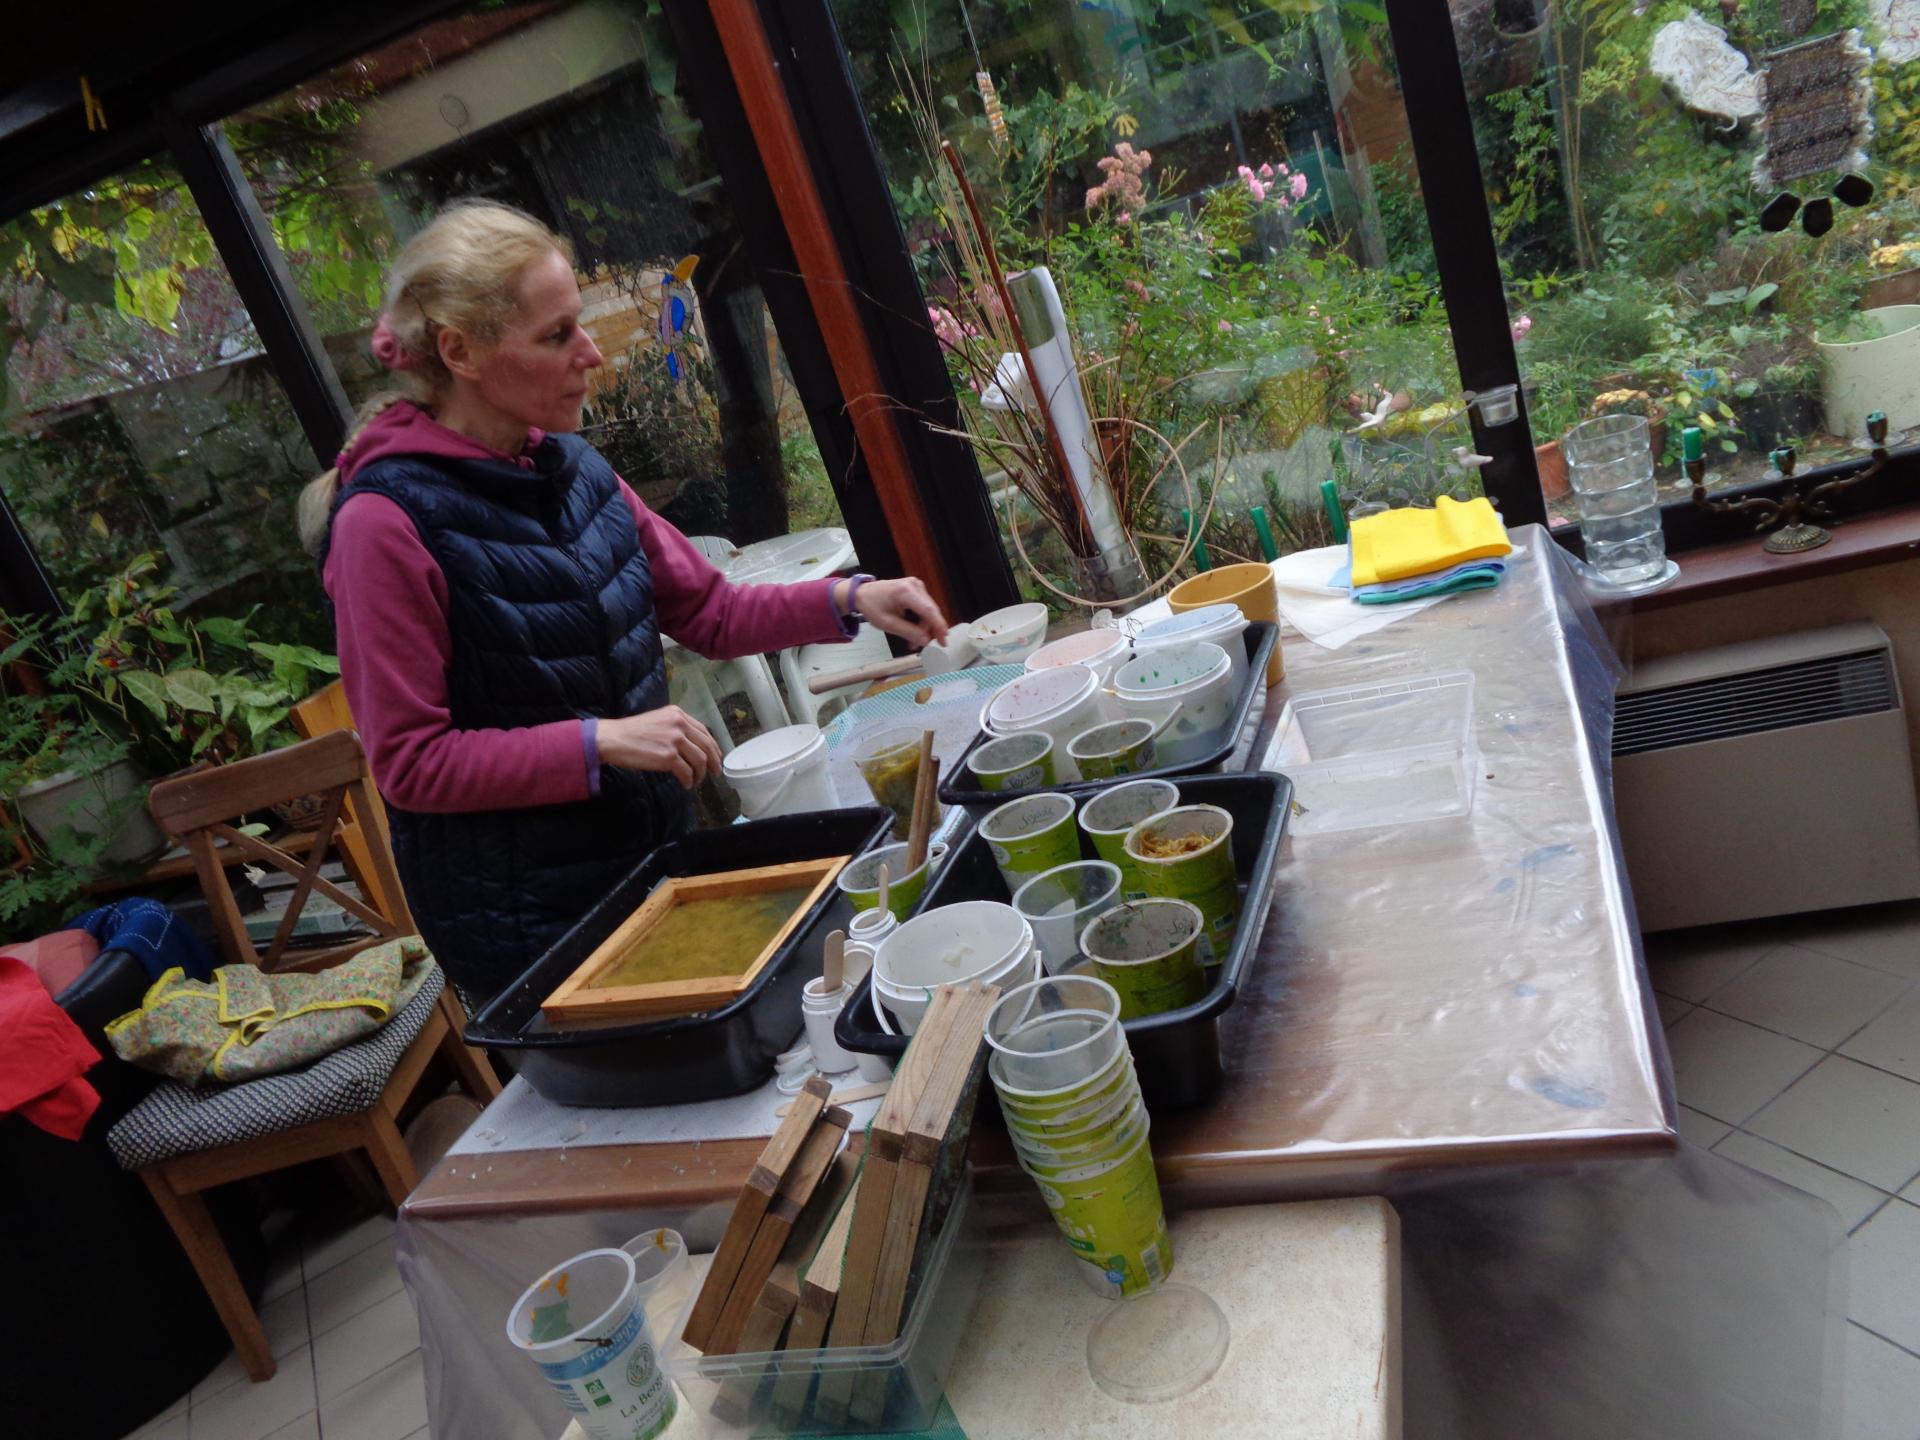 Fabrication du papier chiffon chez Martine Gautier ( 2 )